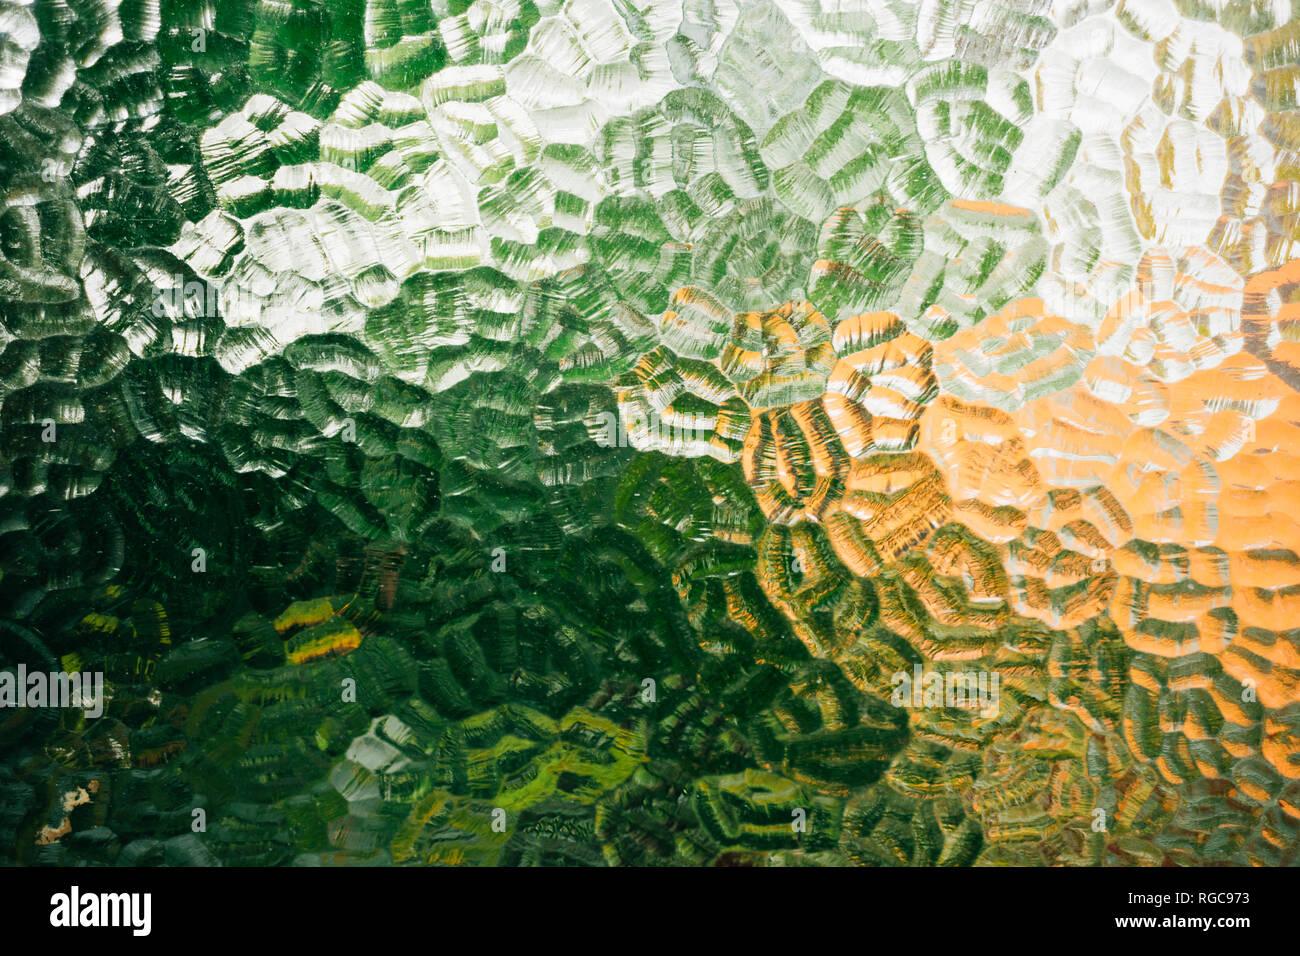 Ventana de cristal con texturas y colores verde y naranja Imagen De Stock